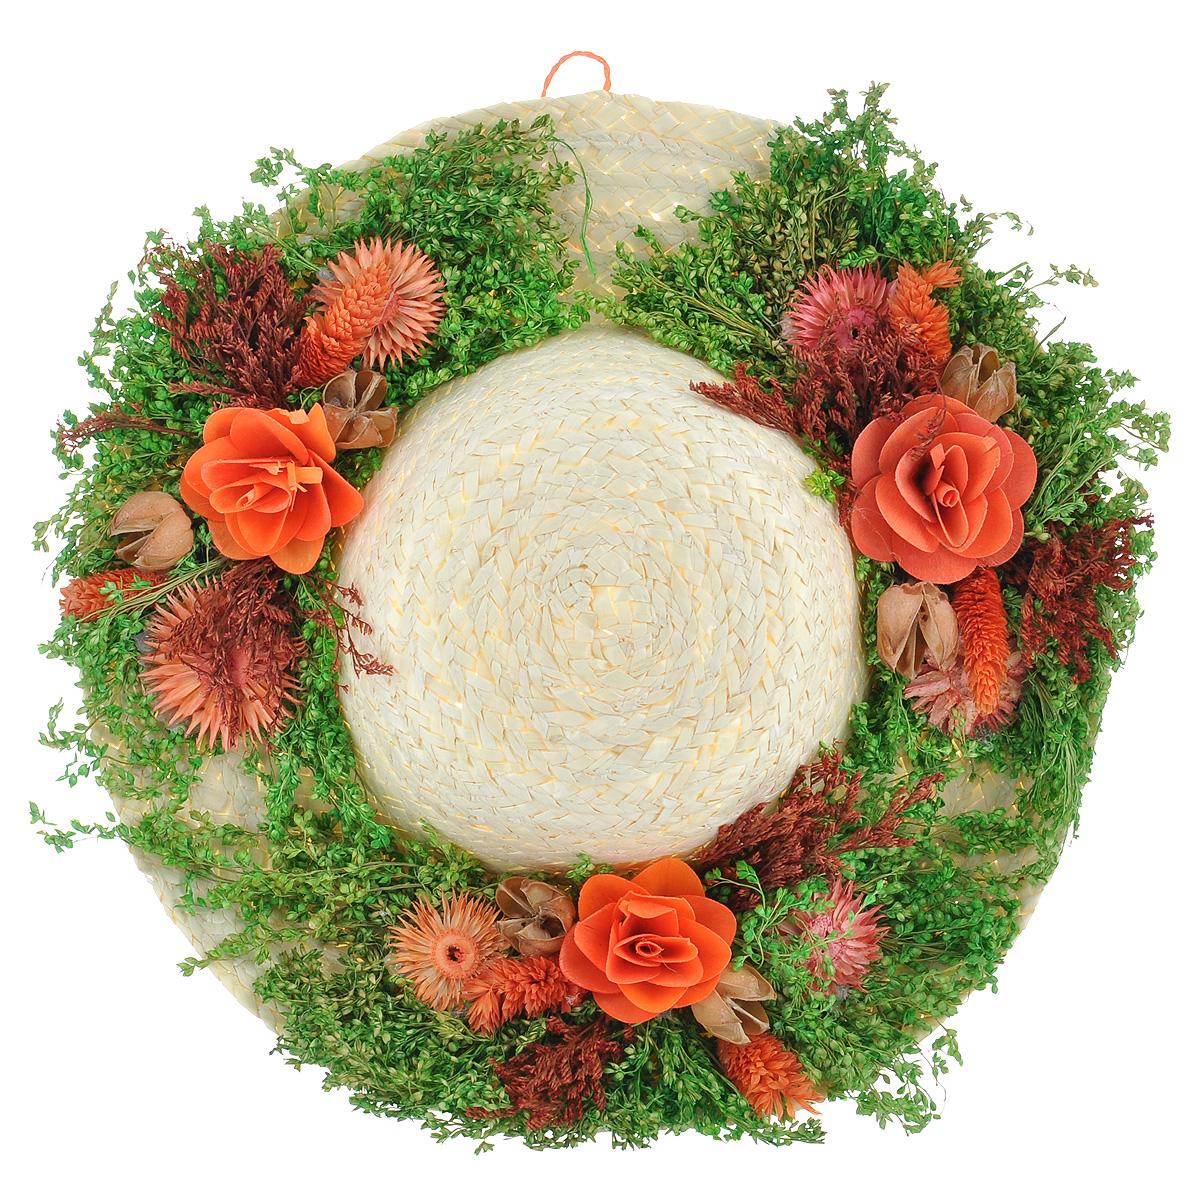 Декоративное настенное украшение Lillo Шляпа с цветами, цвет: светло-бежевый, зеленый, оранжевый300144Декоративное подвесное украшение Lillo Шляпа выполнено из натуральной соломы и украшено сухоцветами. Такая шляпа станет изящным элементом декора в вашем доме. С задней стороны расположена петелька для подвешивания. Такое украшение не только подчеркнет ваш изысканный вкус, но и прекрасным подарком, который обязательно порадует получателя.Диаметр шляпы: 28 см.